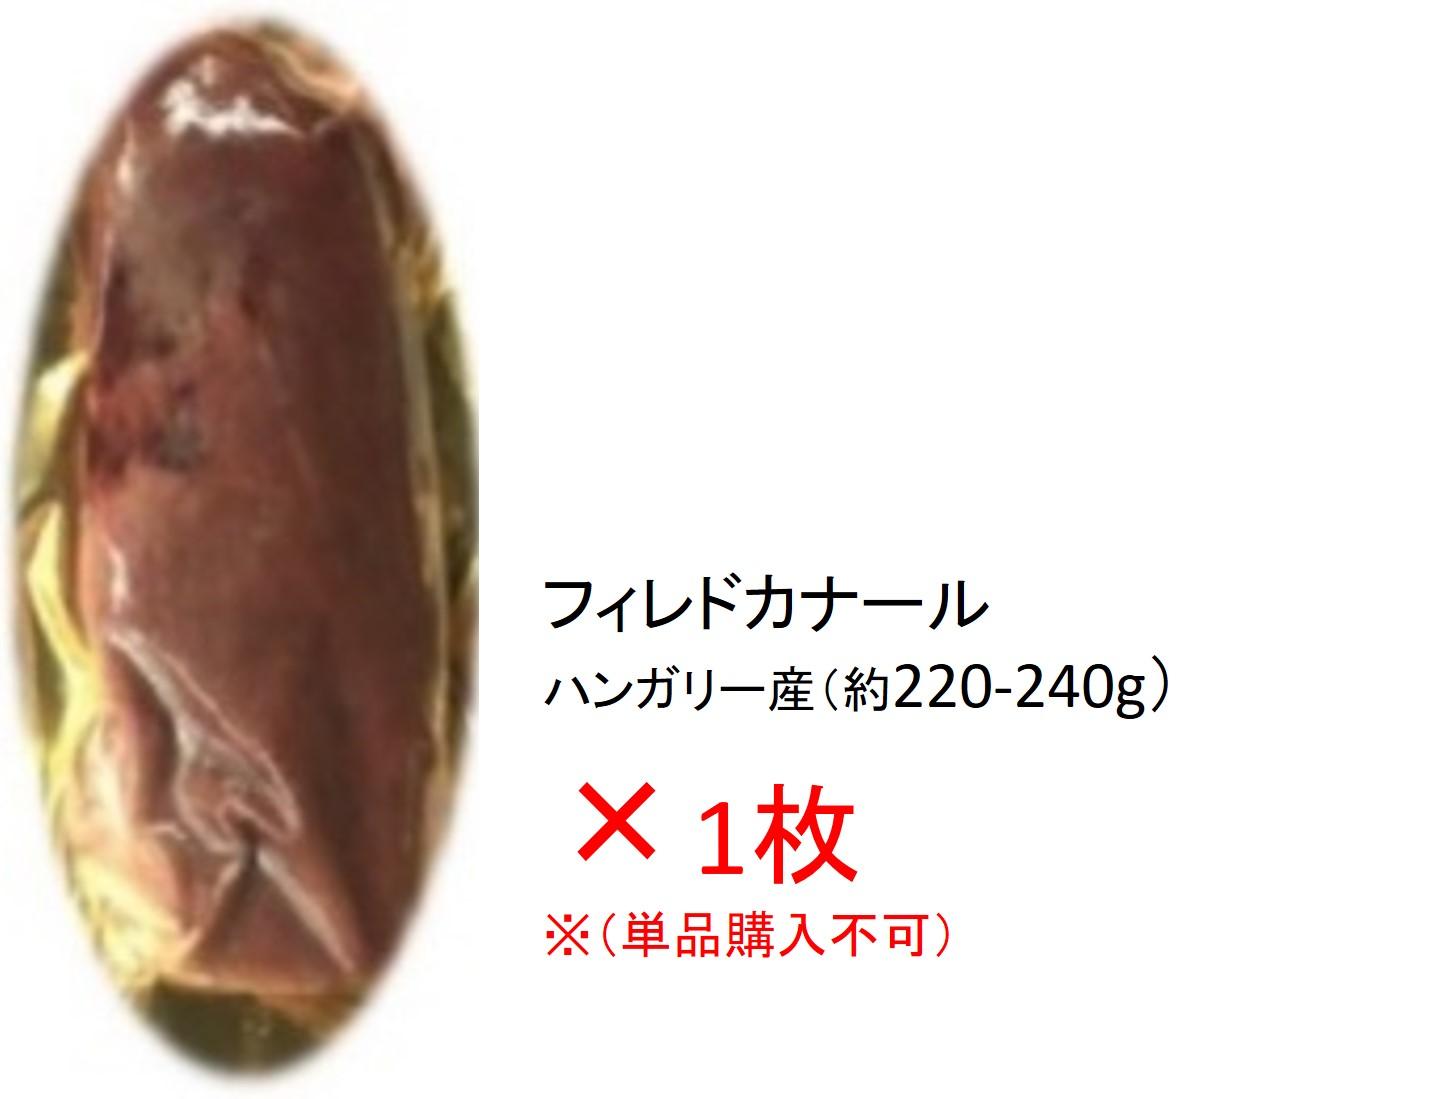 【単品購入不可】ハンガリー産 フィレレ ド カナール チェリバレー種 ステーキカット合鴨ロース肉(200-240サイズ)